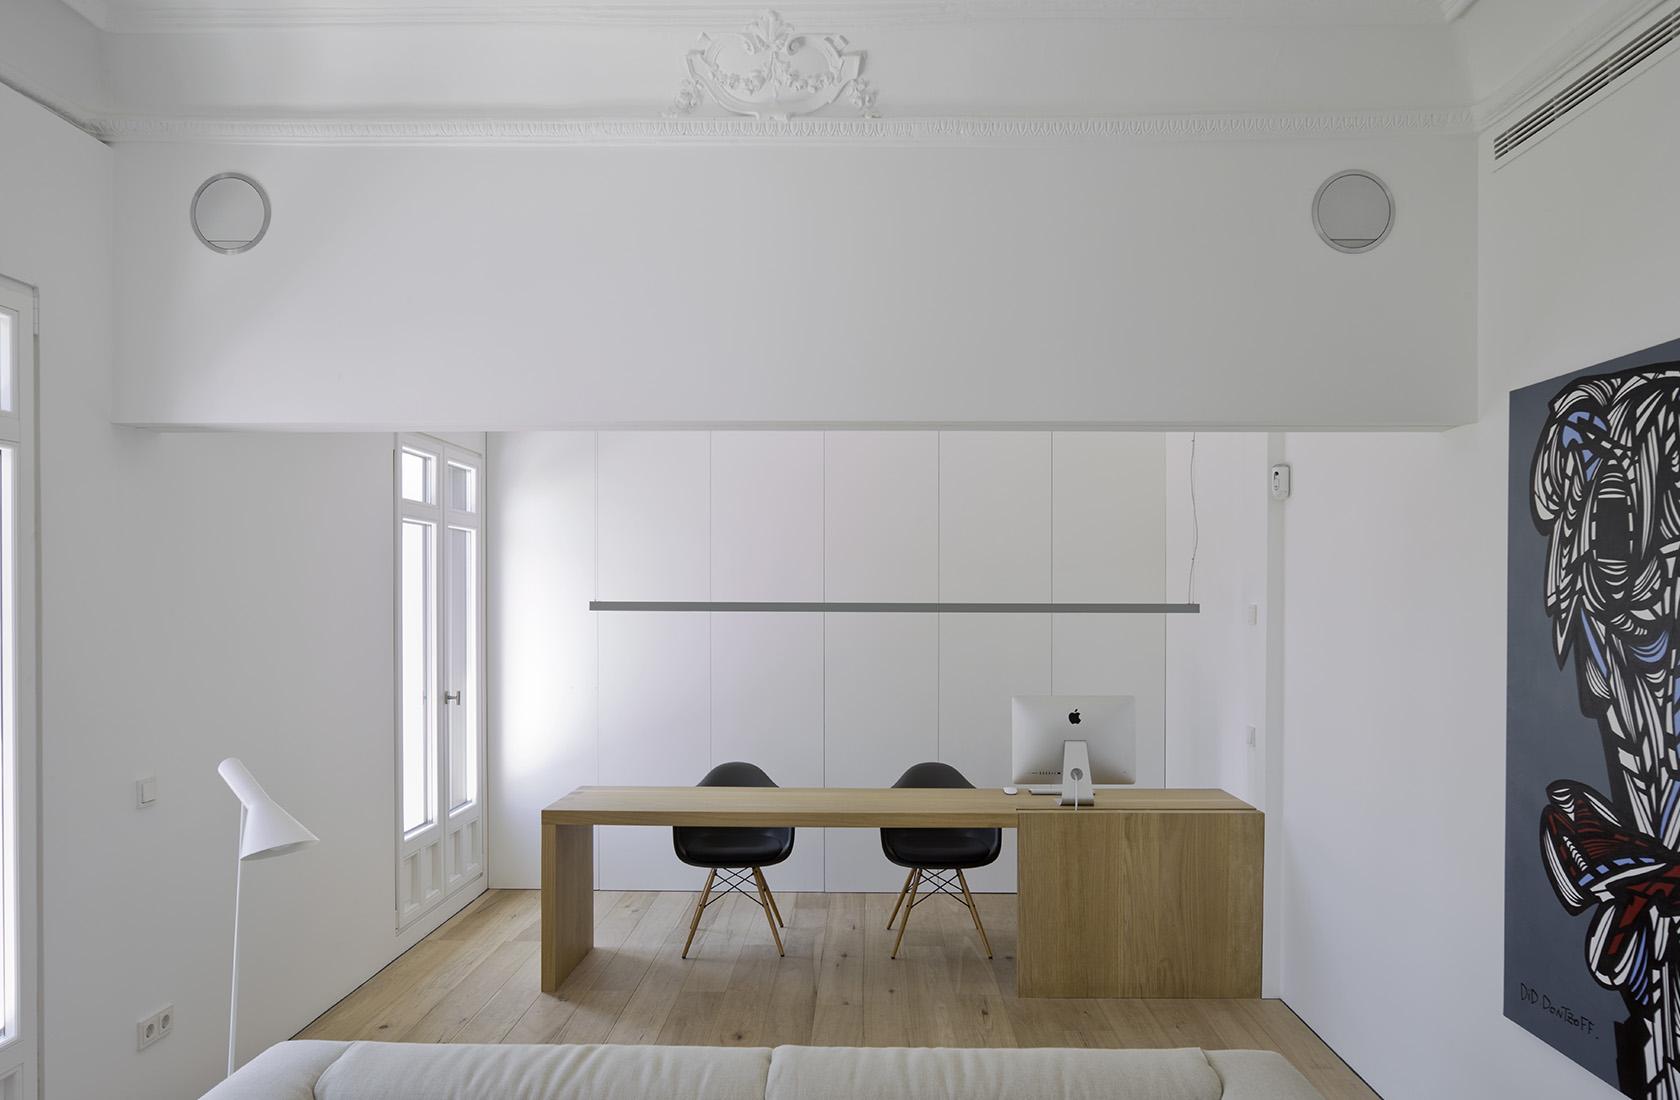 sala de estar de la reforma integral en alcalá